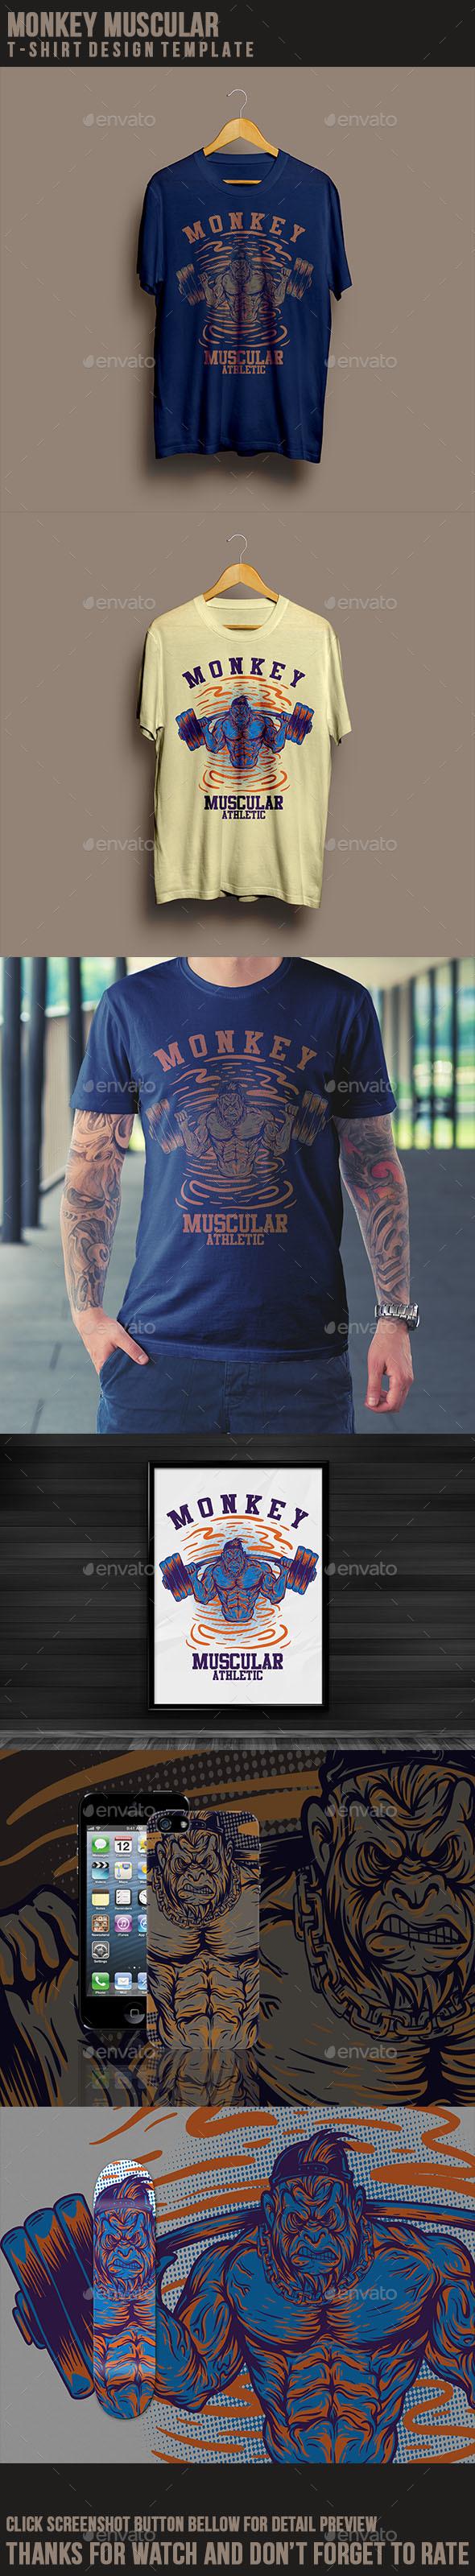 Shirt ke design - Monkey Muscular T Shirt Design